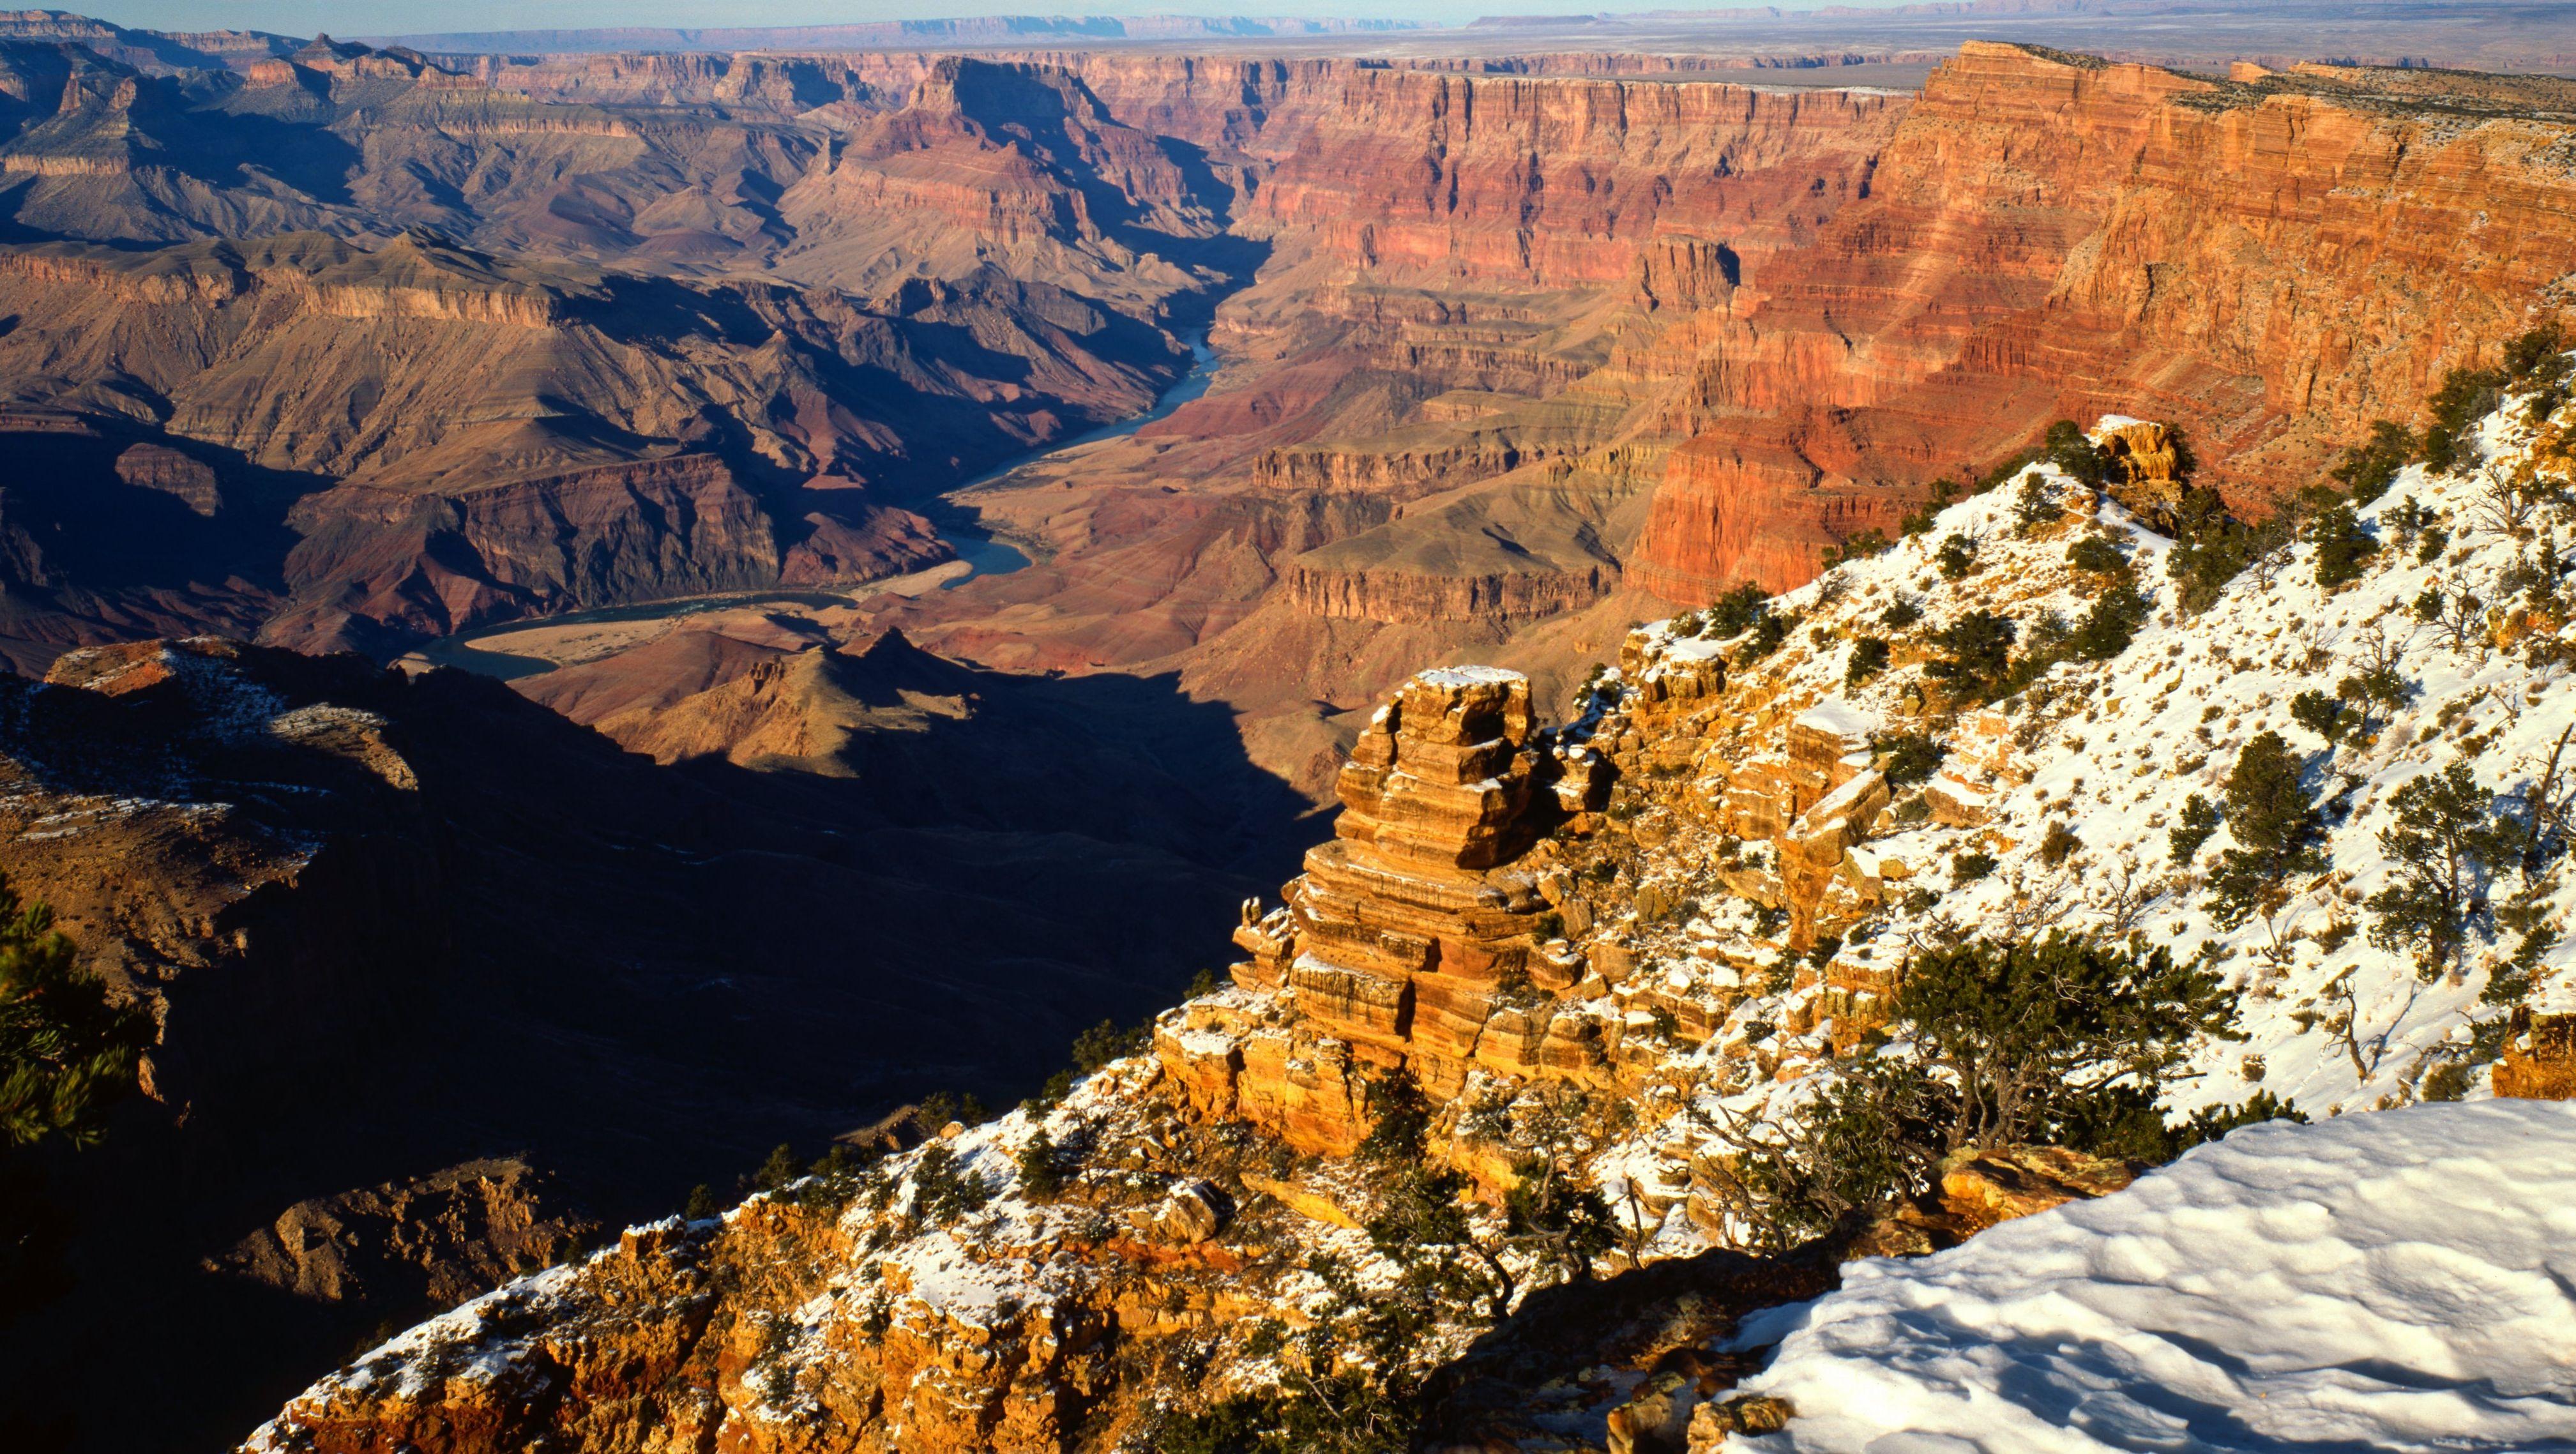 Durante años, los turistas del Gran Cañón han estado expuestos a radiación